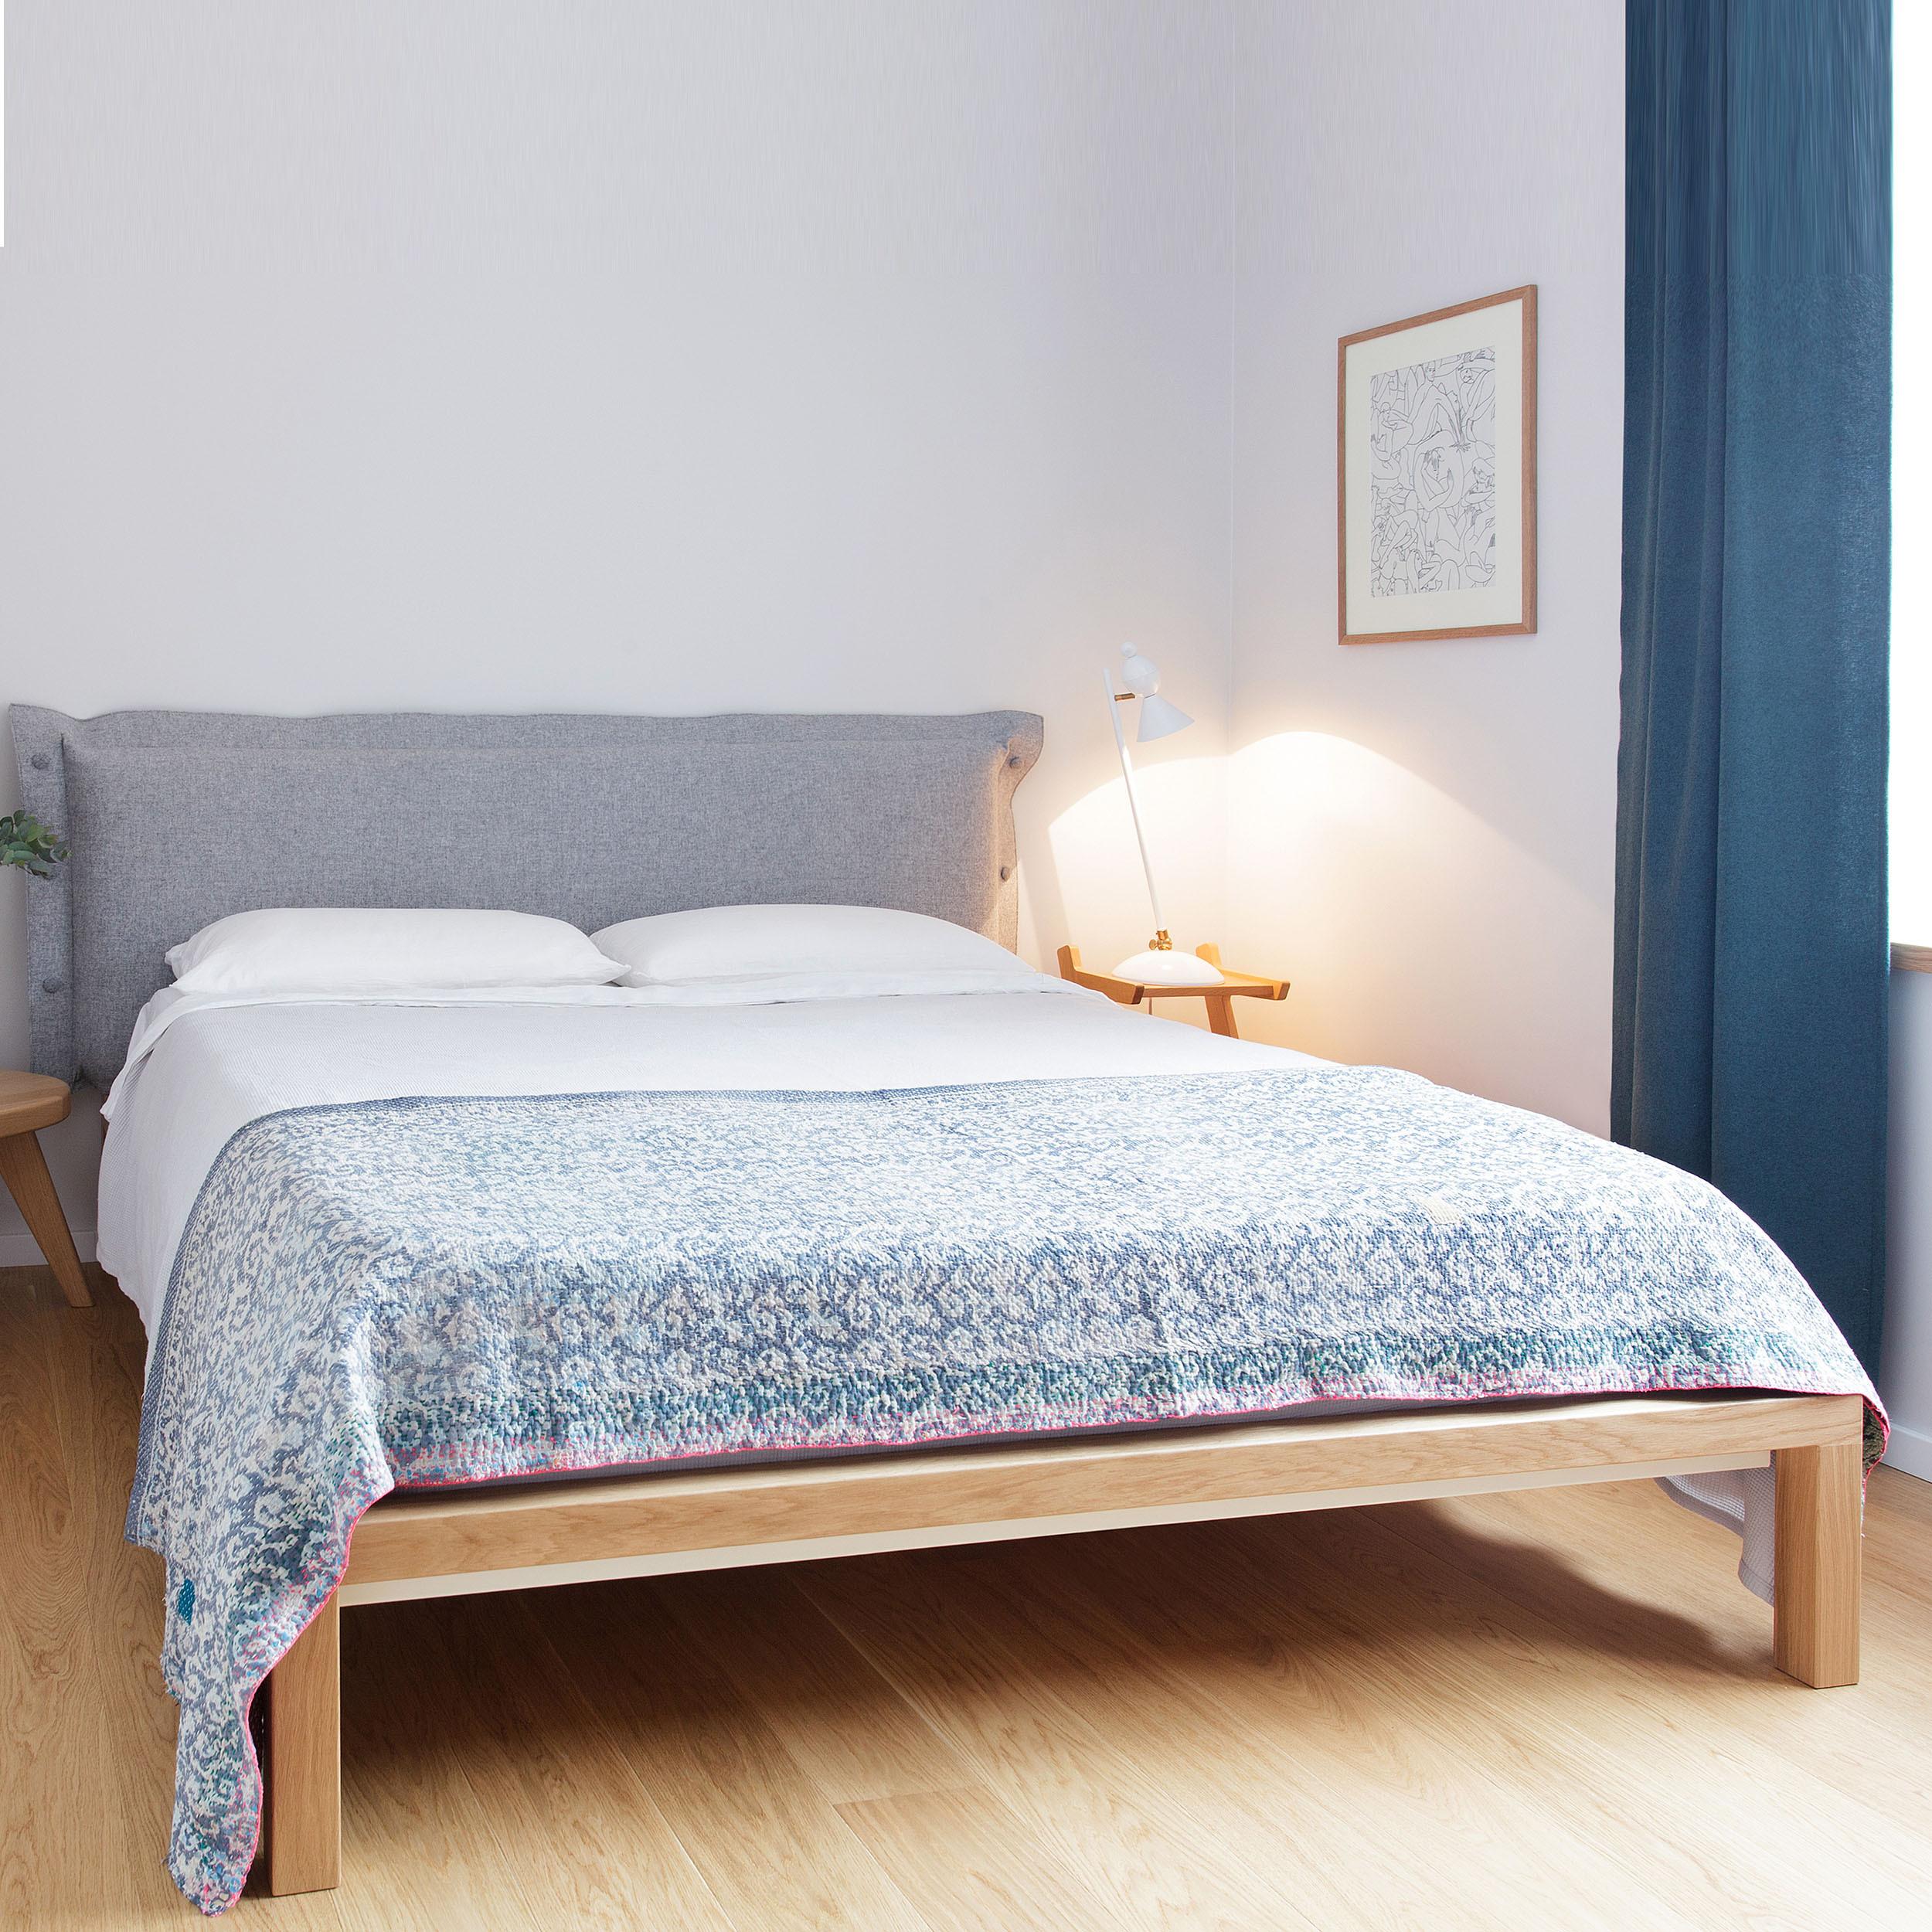 velito bett mit gepolstertem kopfteil 180 grau online kaufen bei woonio. Black Bedroom Furniture Sets. Home Design Ideas